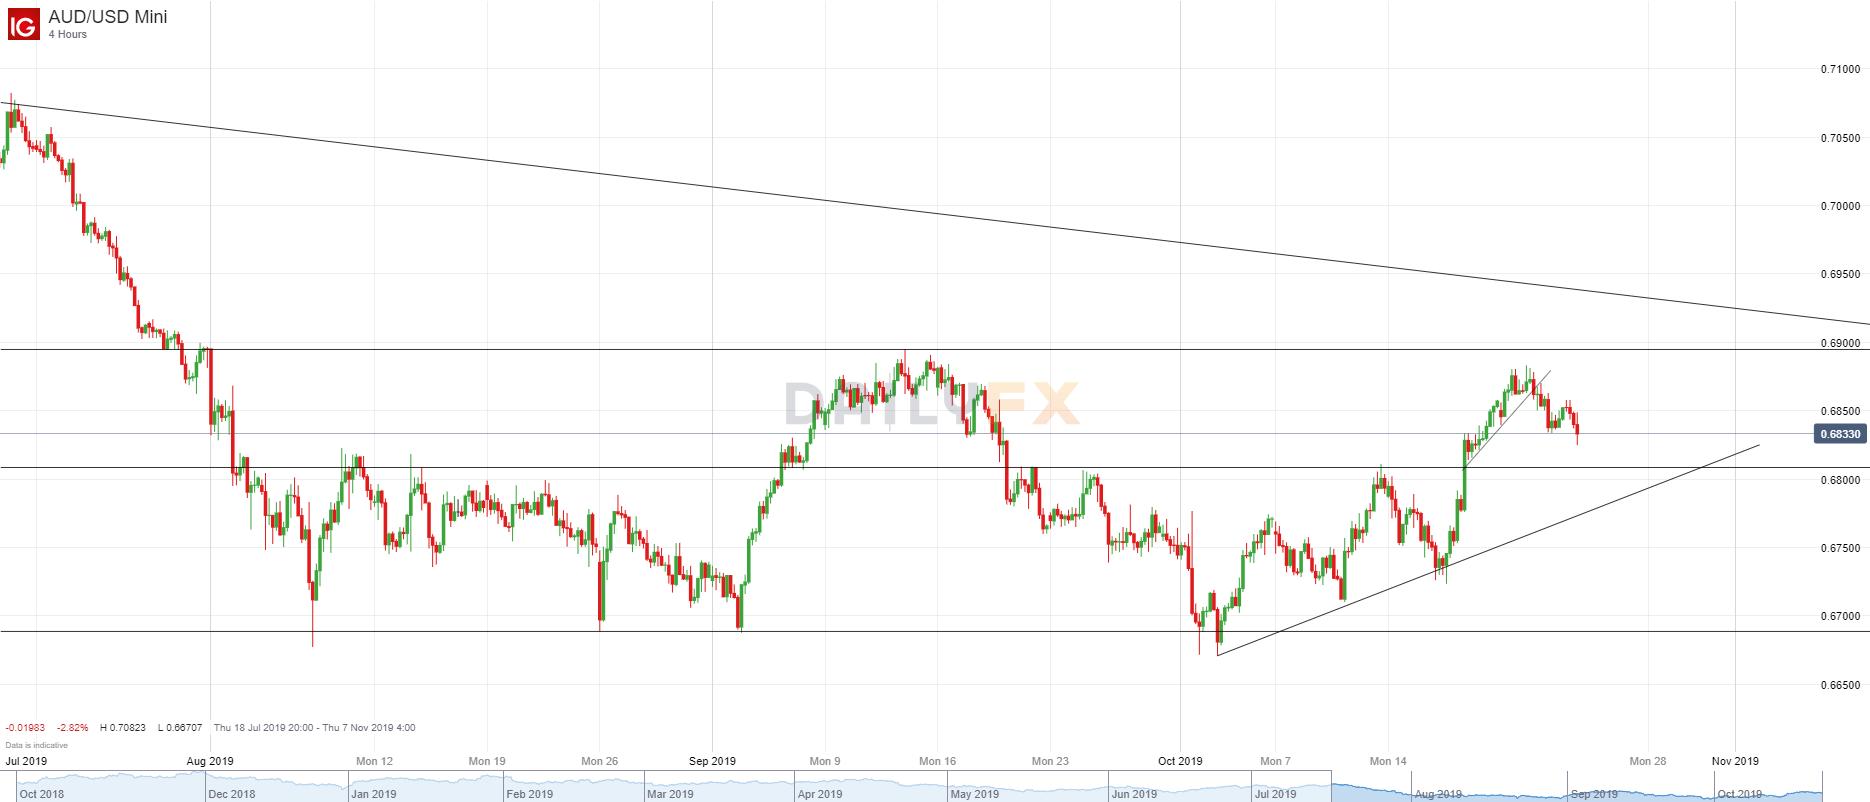 澳元/美元技術分析:進一步小幅走低,短期重要支持關注0.6810